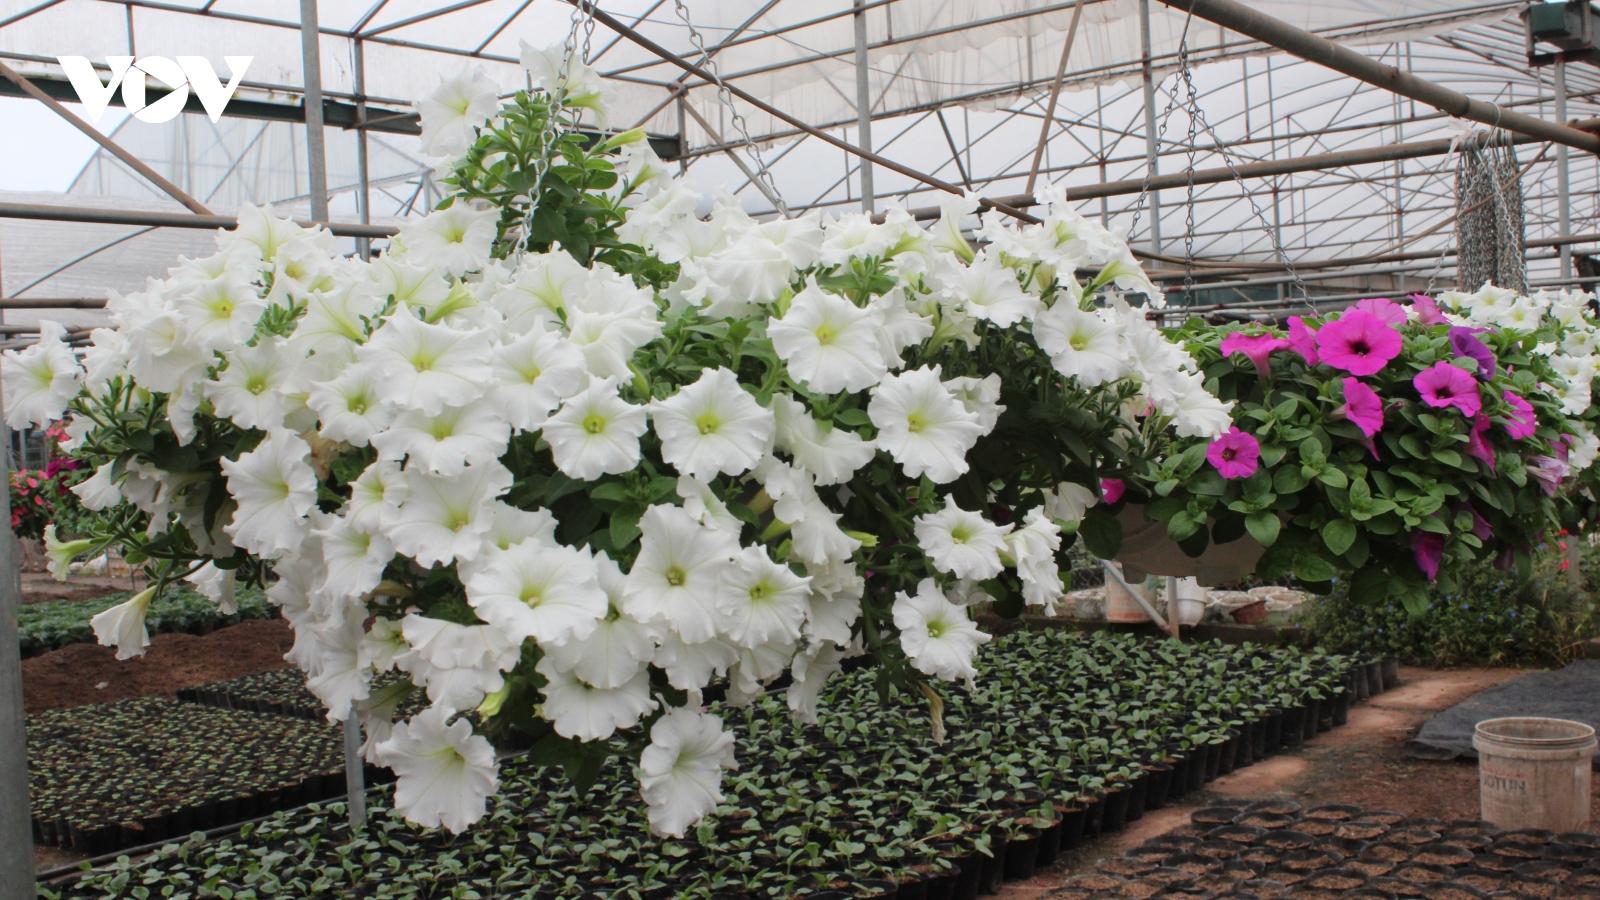 Hoa Tết ở Xuân Quan rực rỡ, nhiều loại có giá cả chục triệu đồng